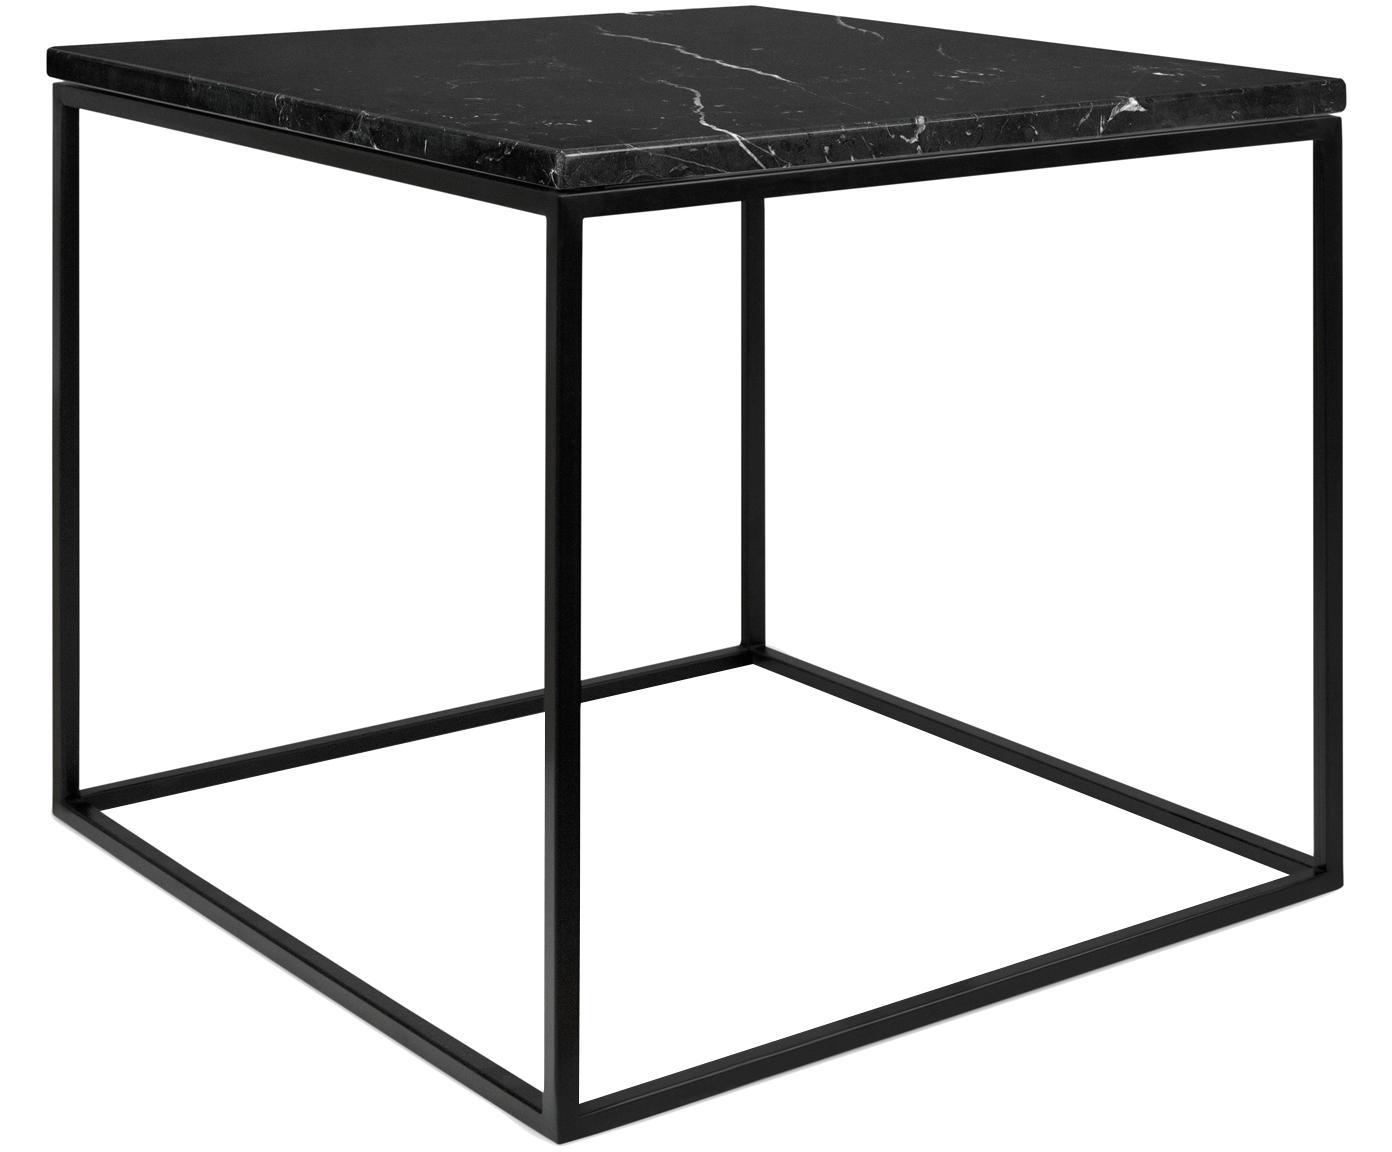 Marmeren bijzettafel Gleam, Tafelblad: marmer, Frame: gelakt staal, Tafelblad: gemarmerd zwart. Frame: zwart, 50 x 45 cm